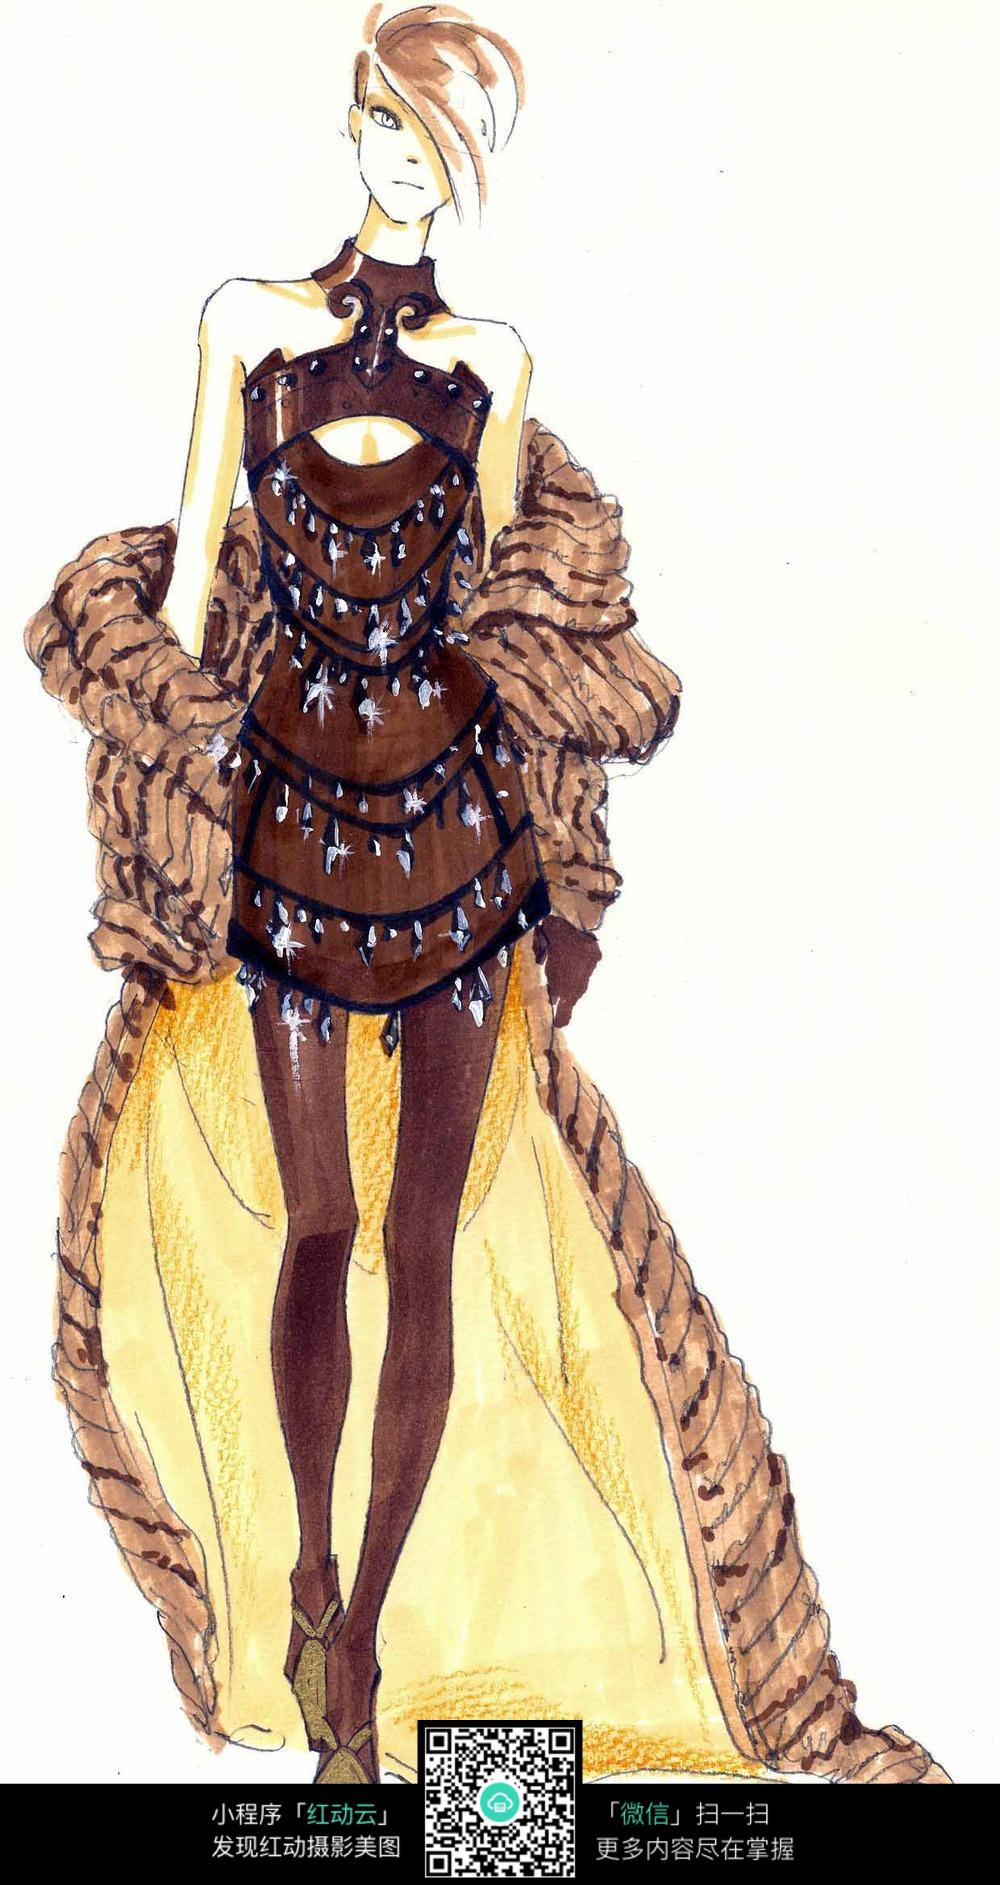 彩绘时装服饰